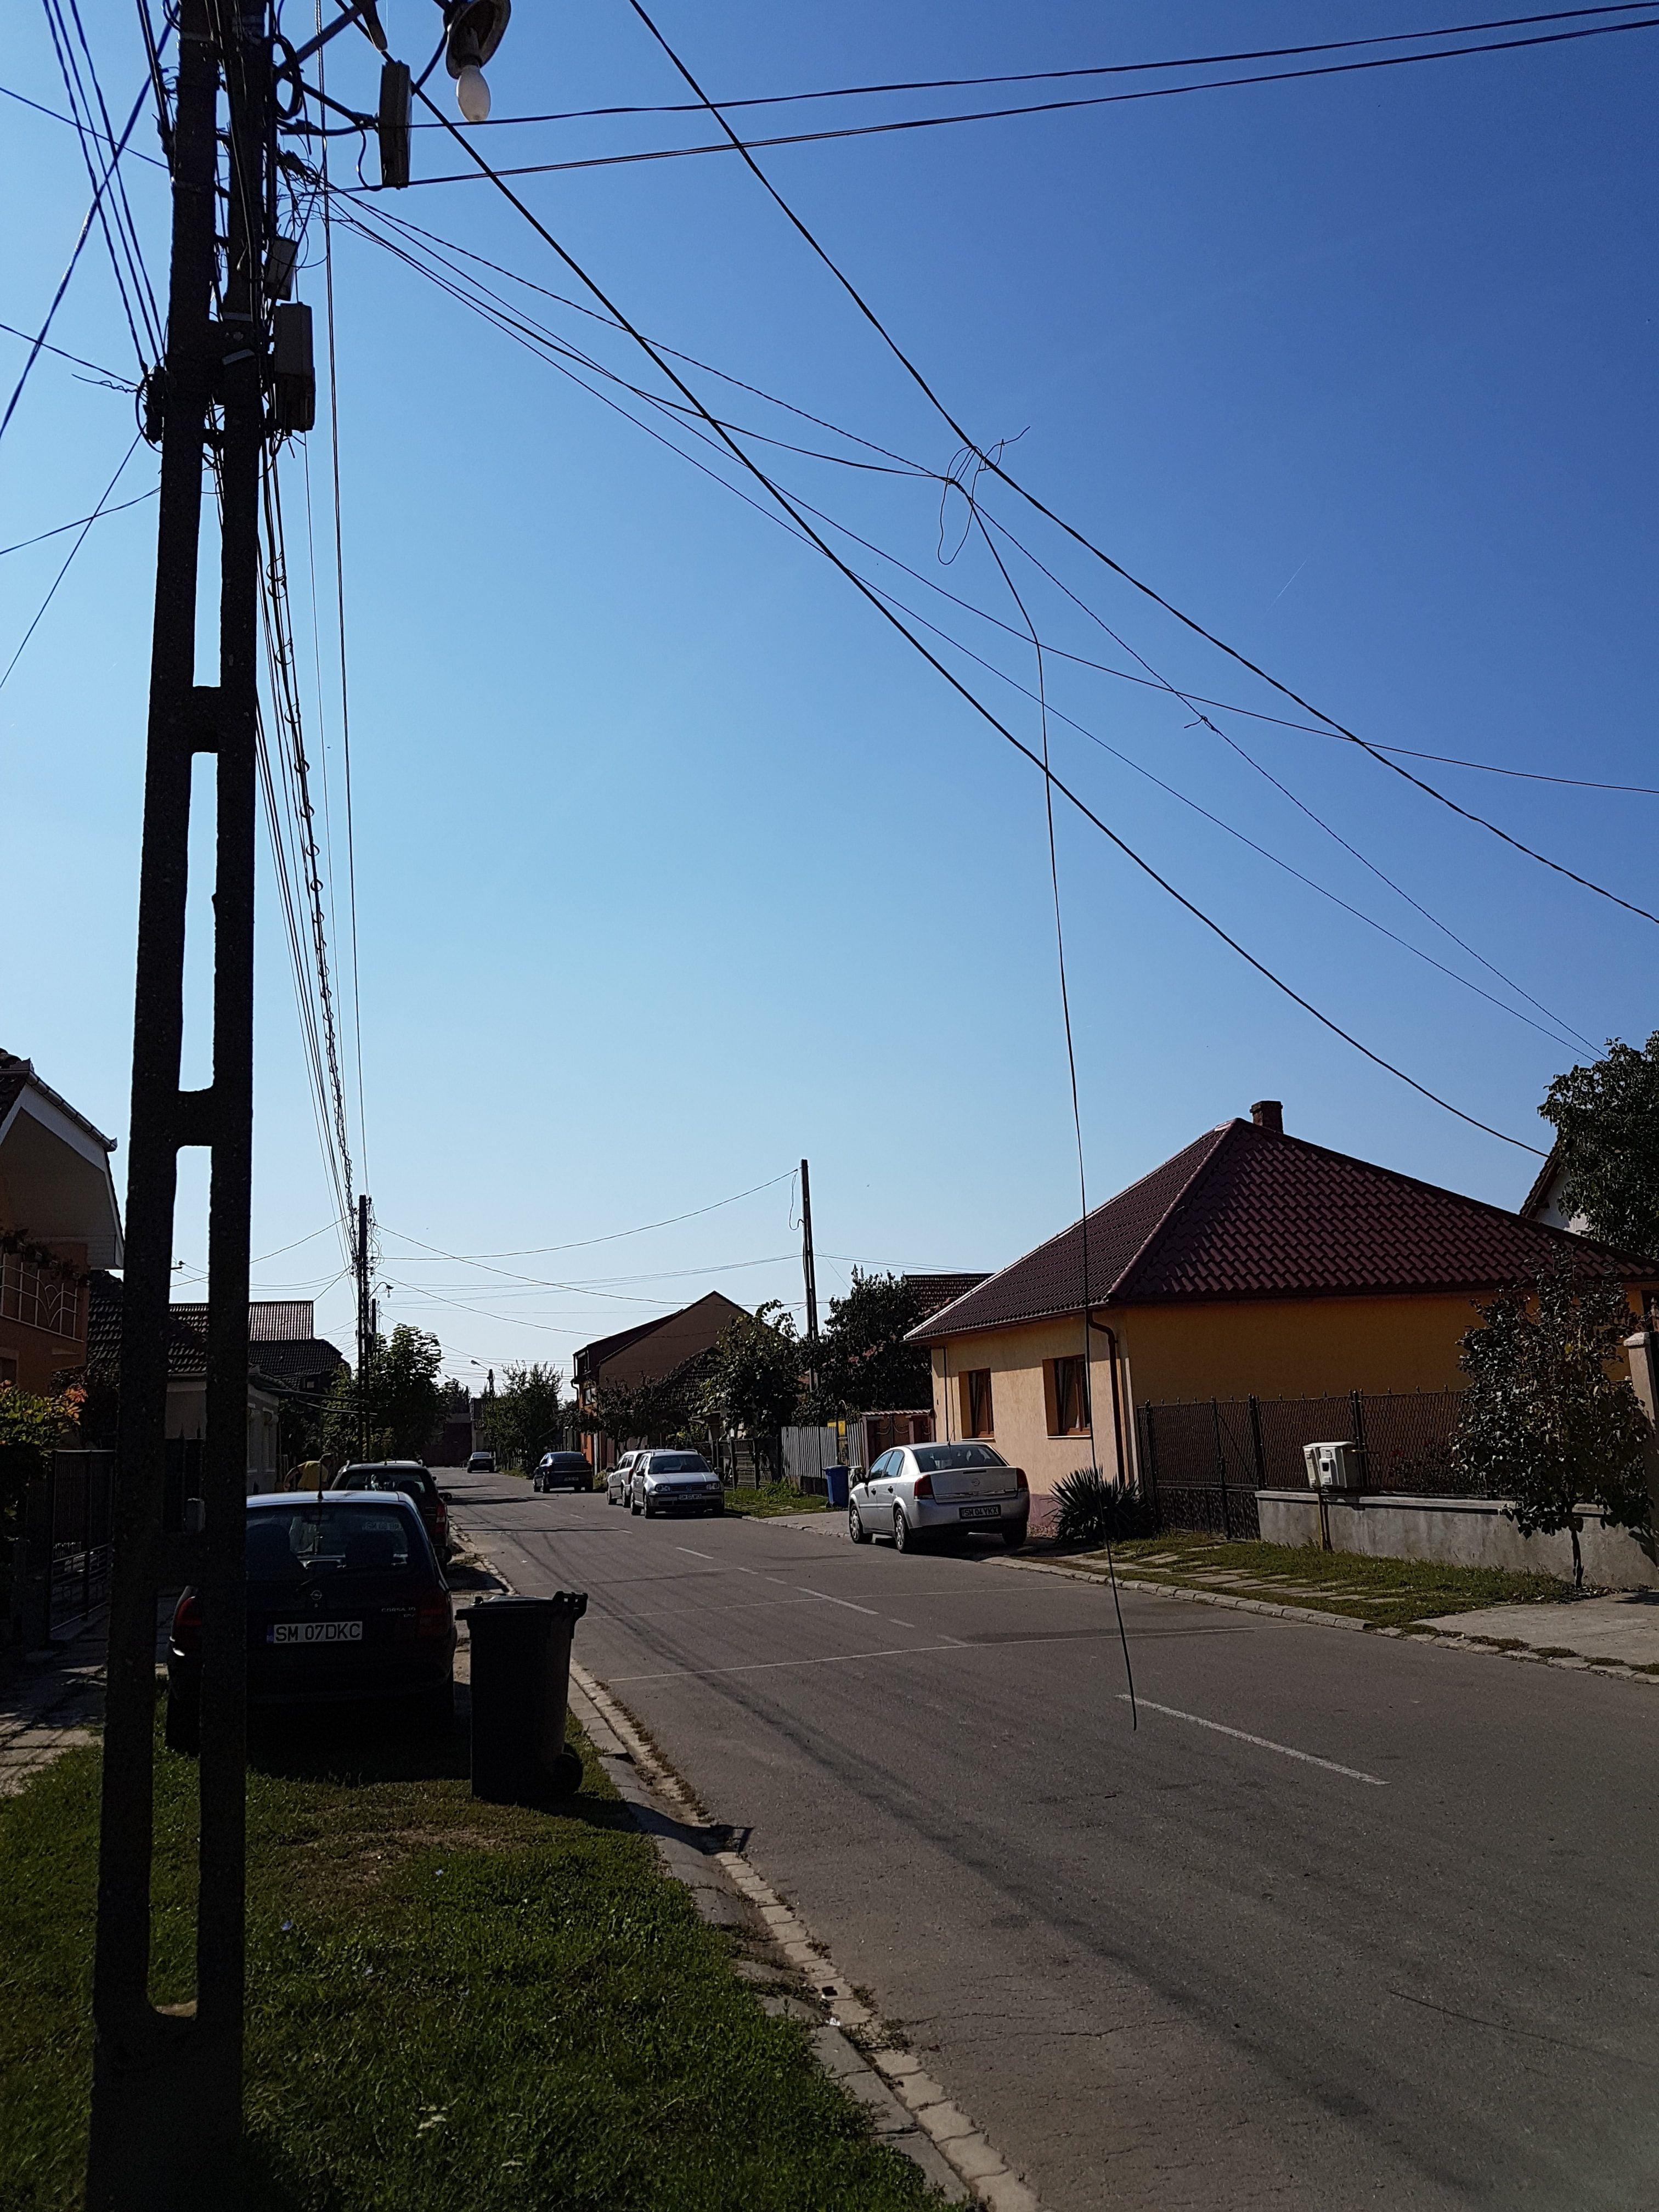 O stradă în pericol de electrocutare!